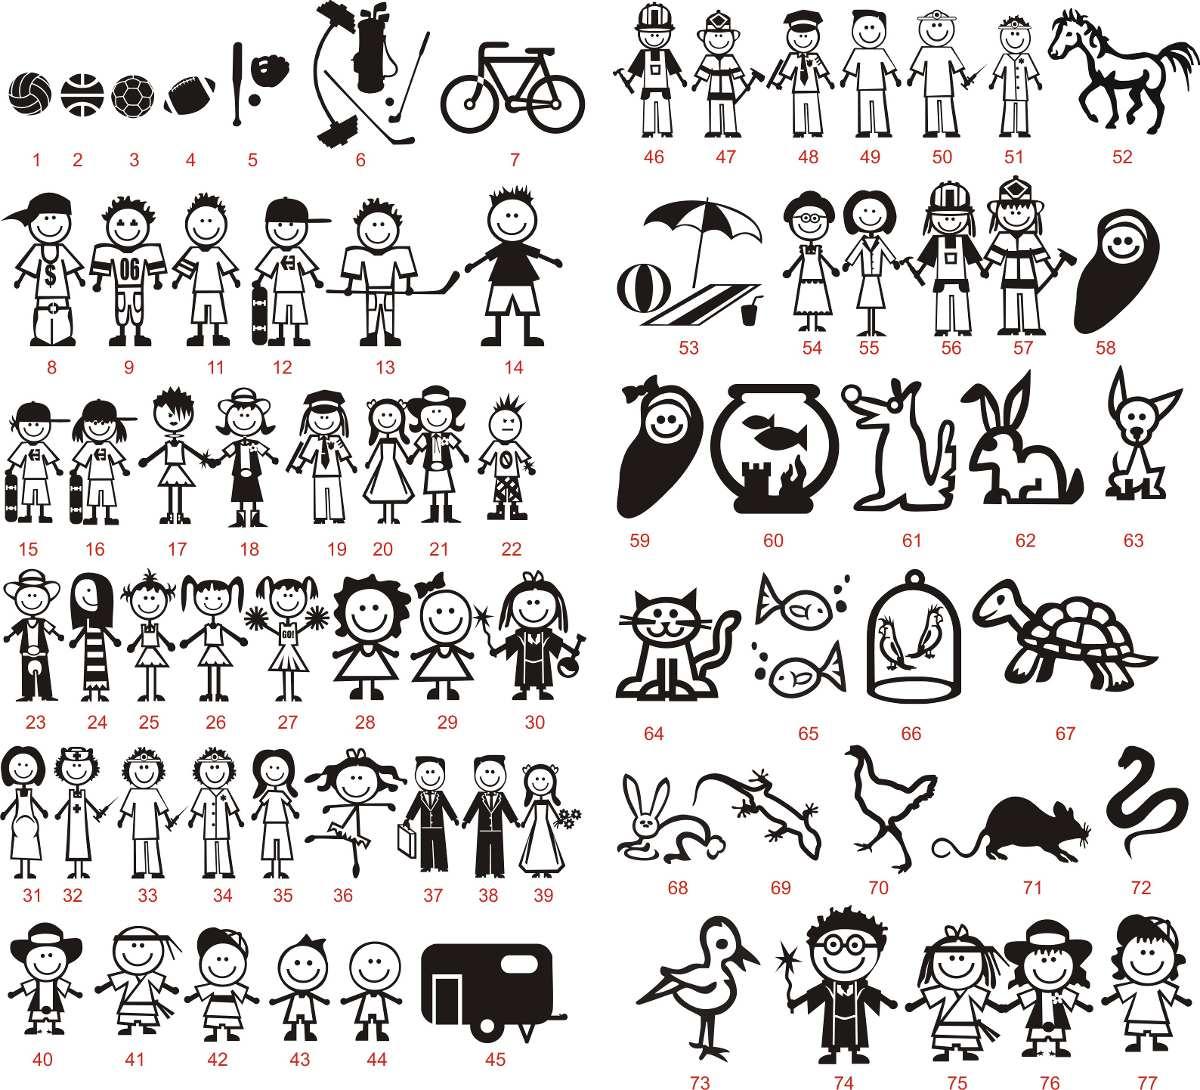 Adesivo Família Feliz Escolher 4 Desenhos Frete R$ 1,00 C R